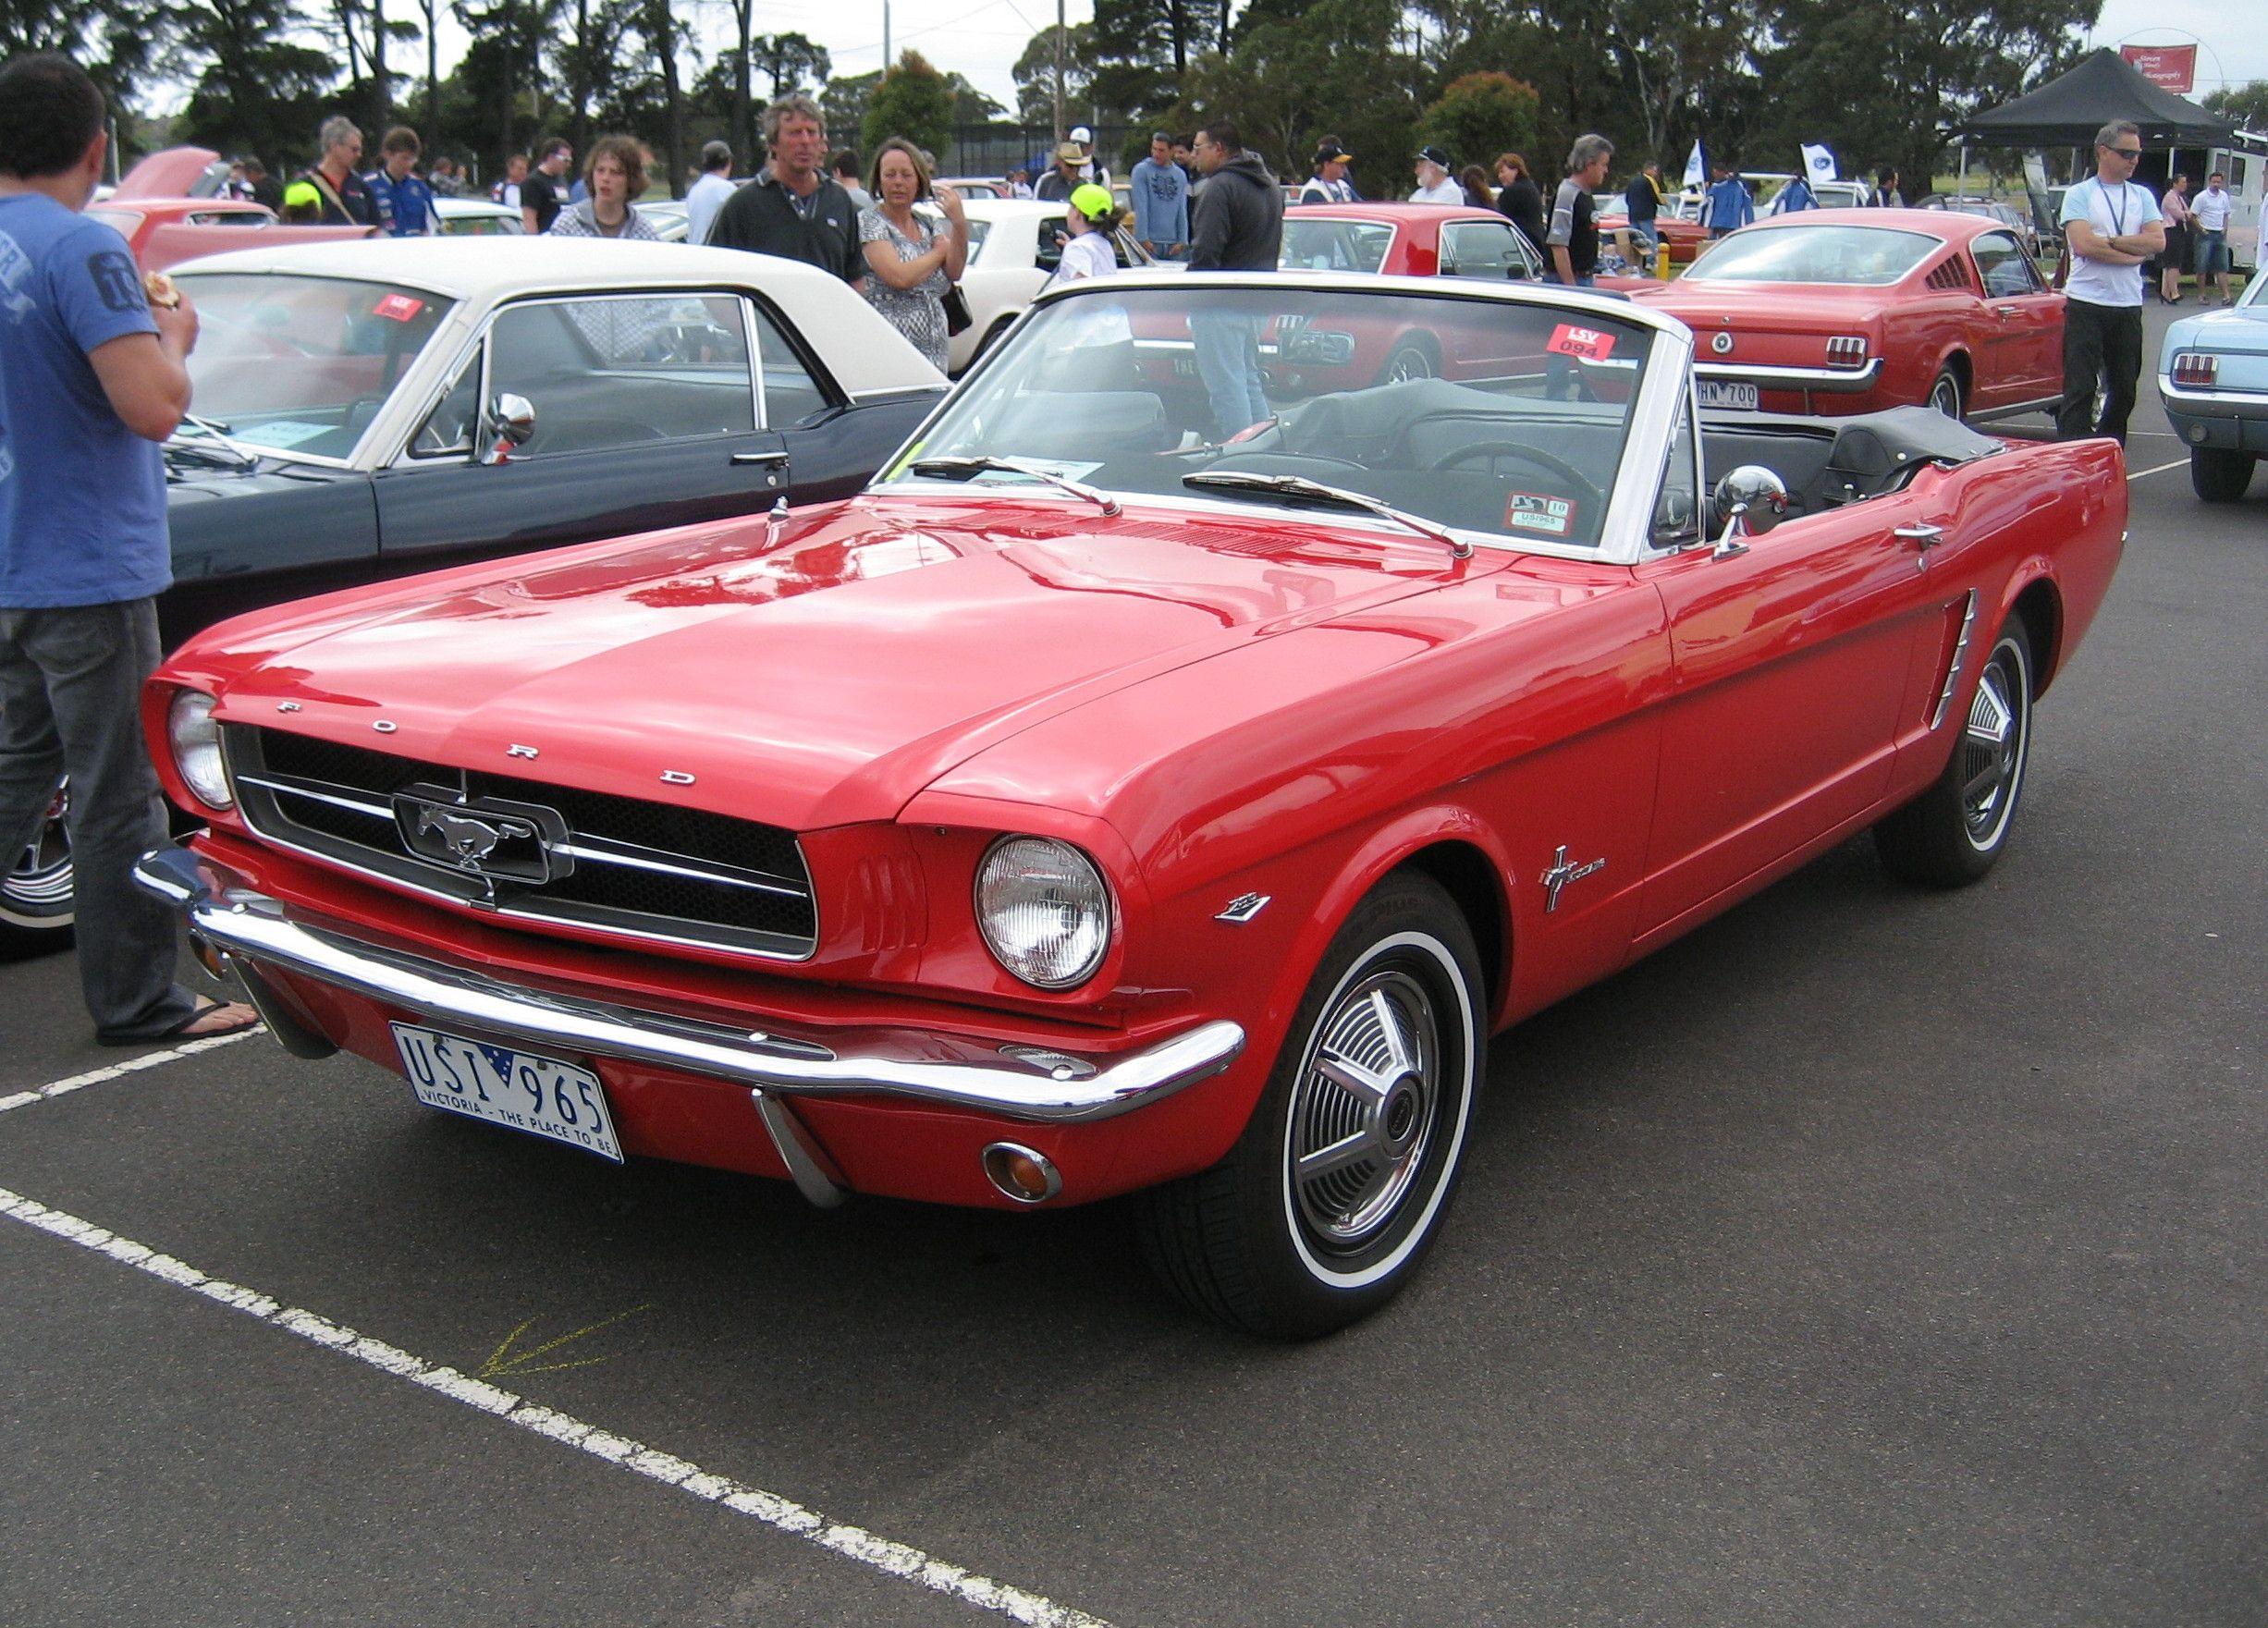 Mustang 1965 resultados yahoo search da busca de imagens